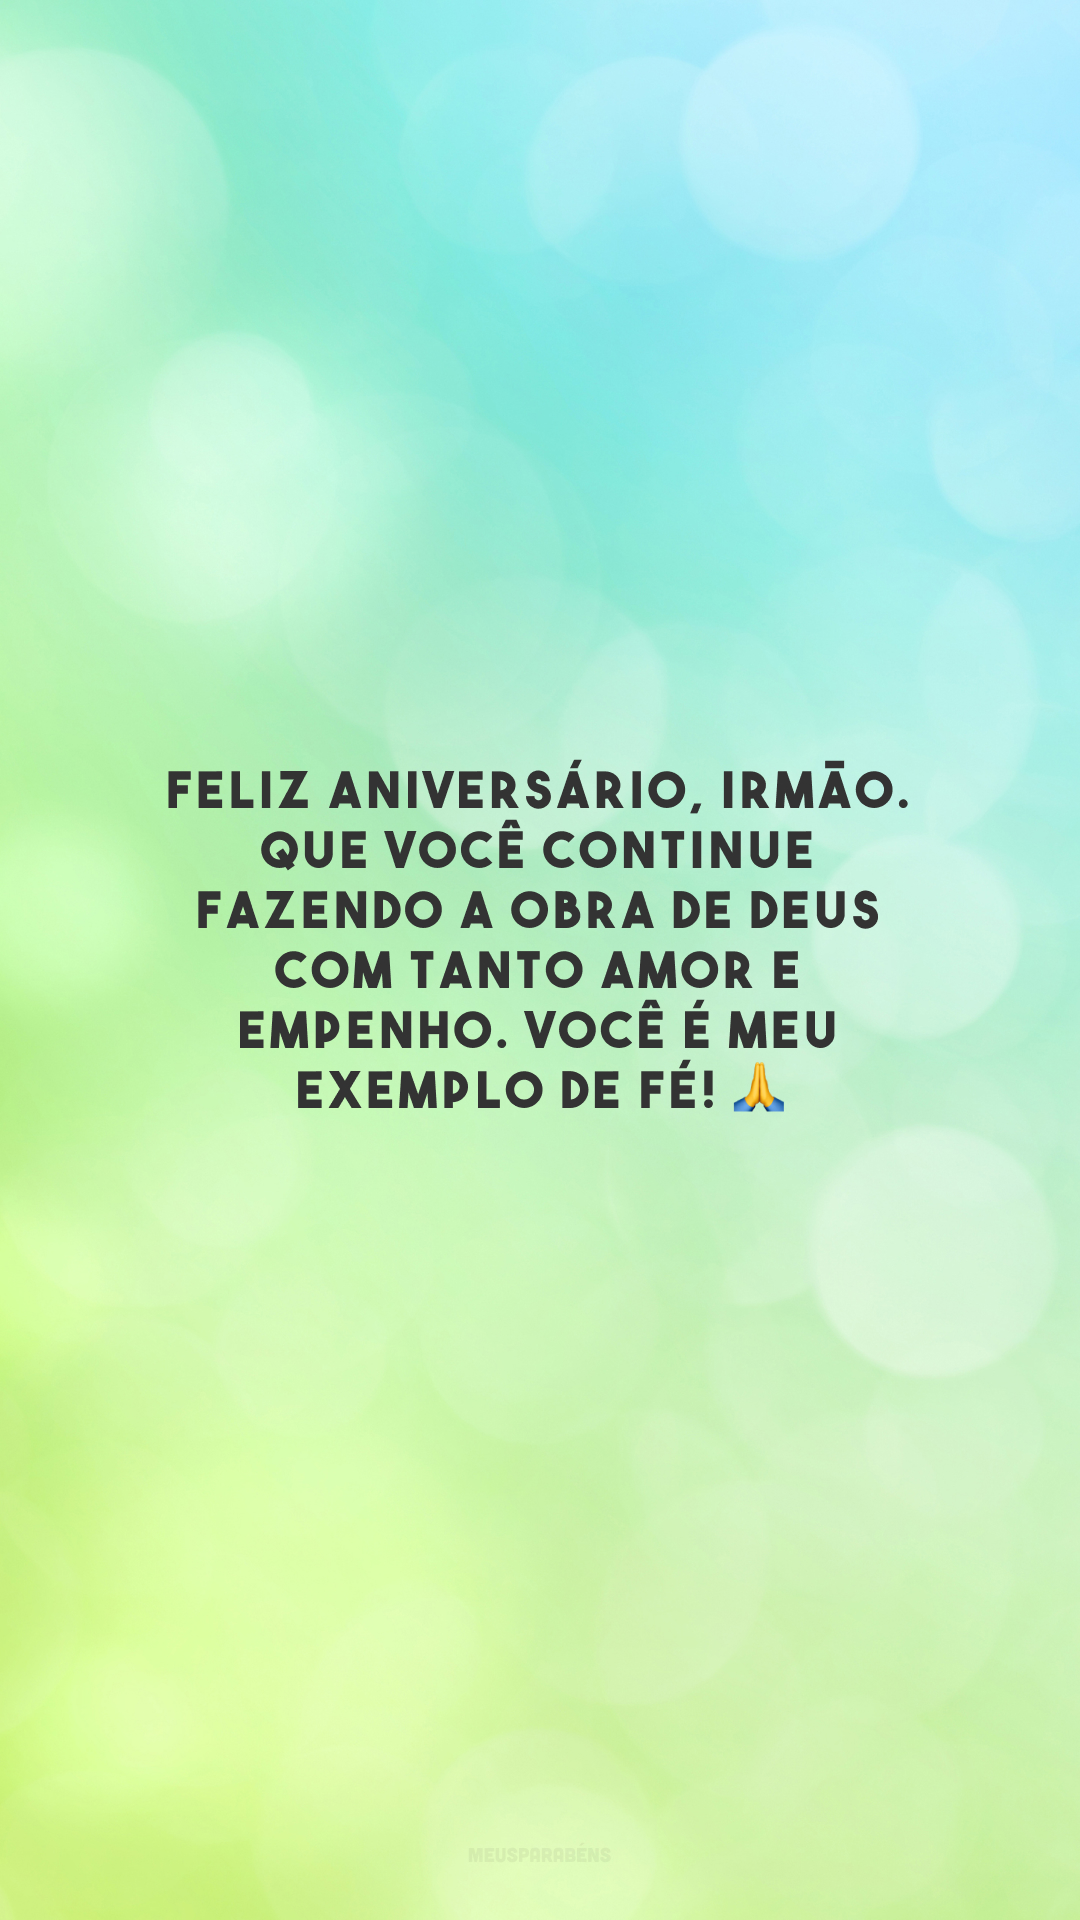 Feliz aniversário, irmão. Que você continue fazendo a obra de Deus com tanto amor e empenho. Você é meu exemplo de fé! 🙏